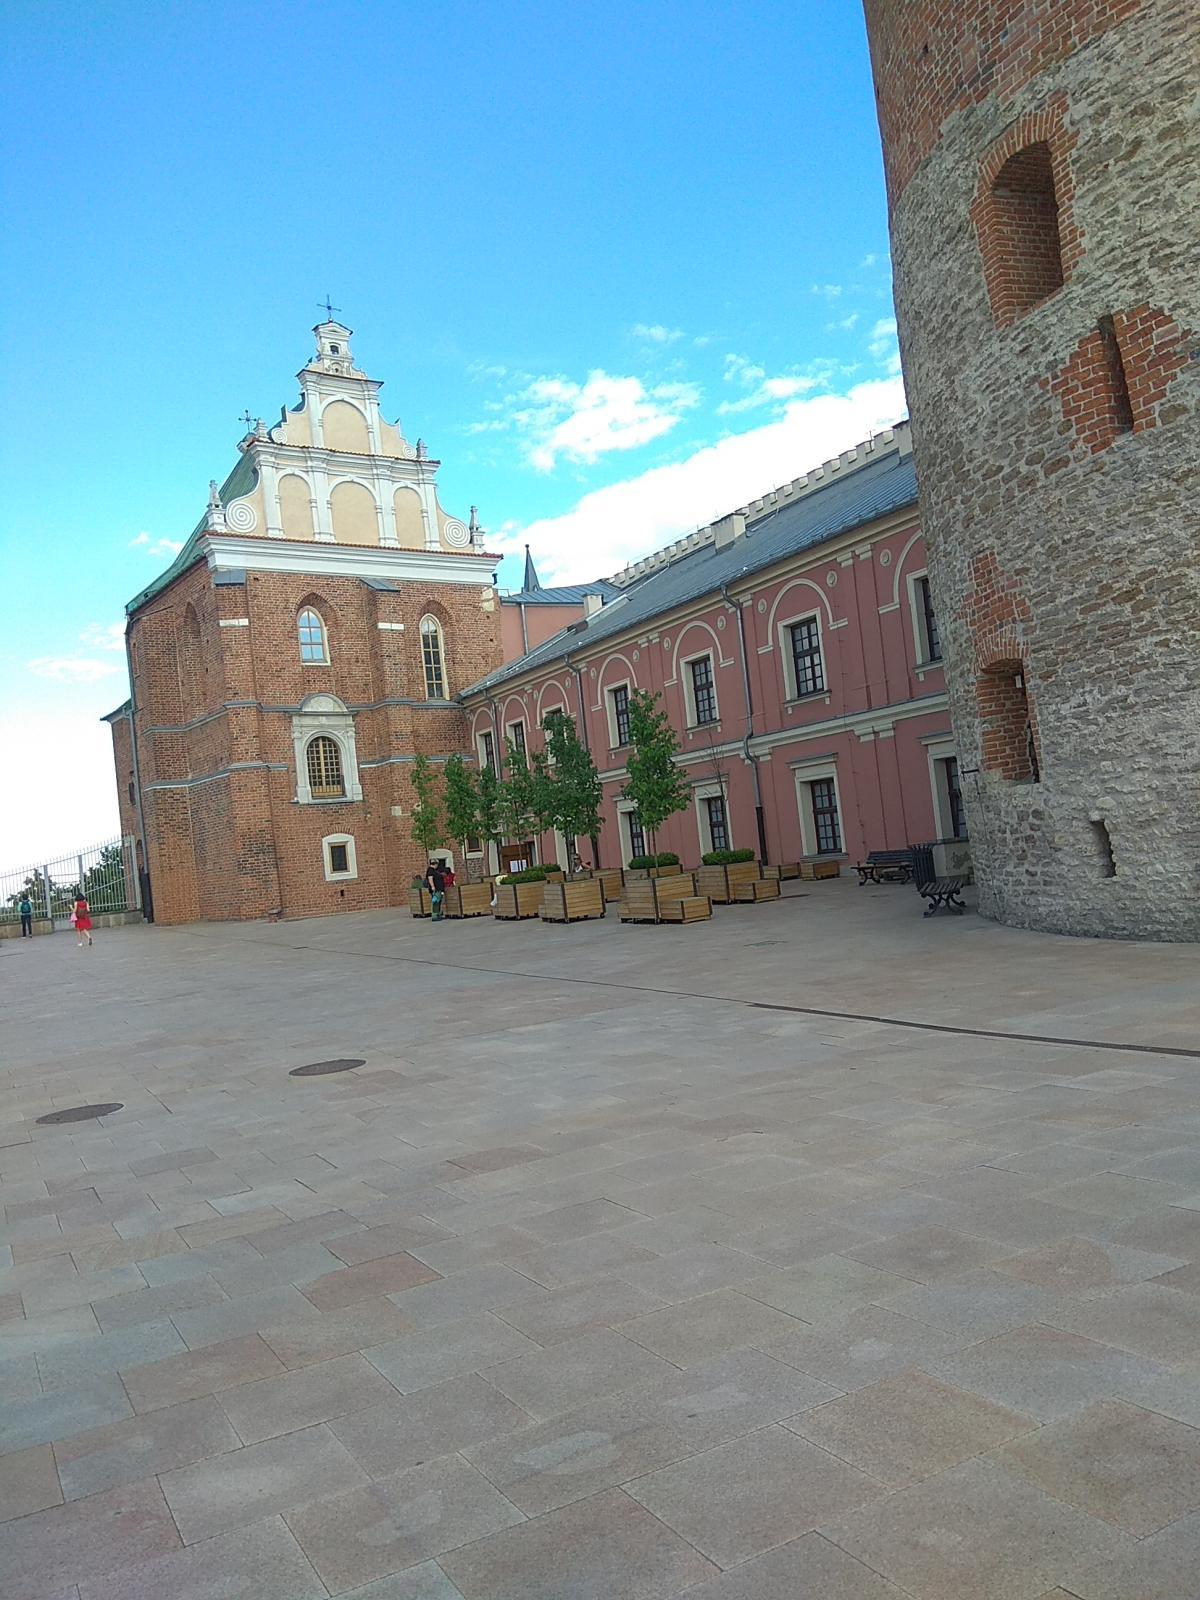 Внутренний двор замка / фото Варвара Вайс